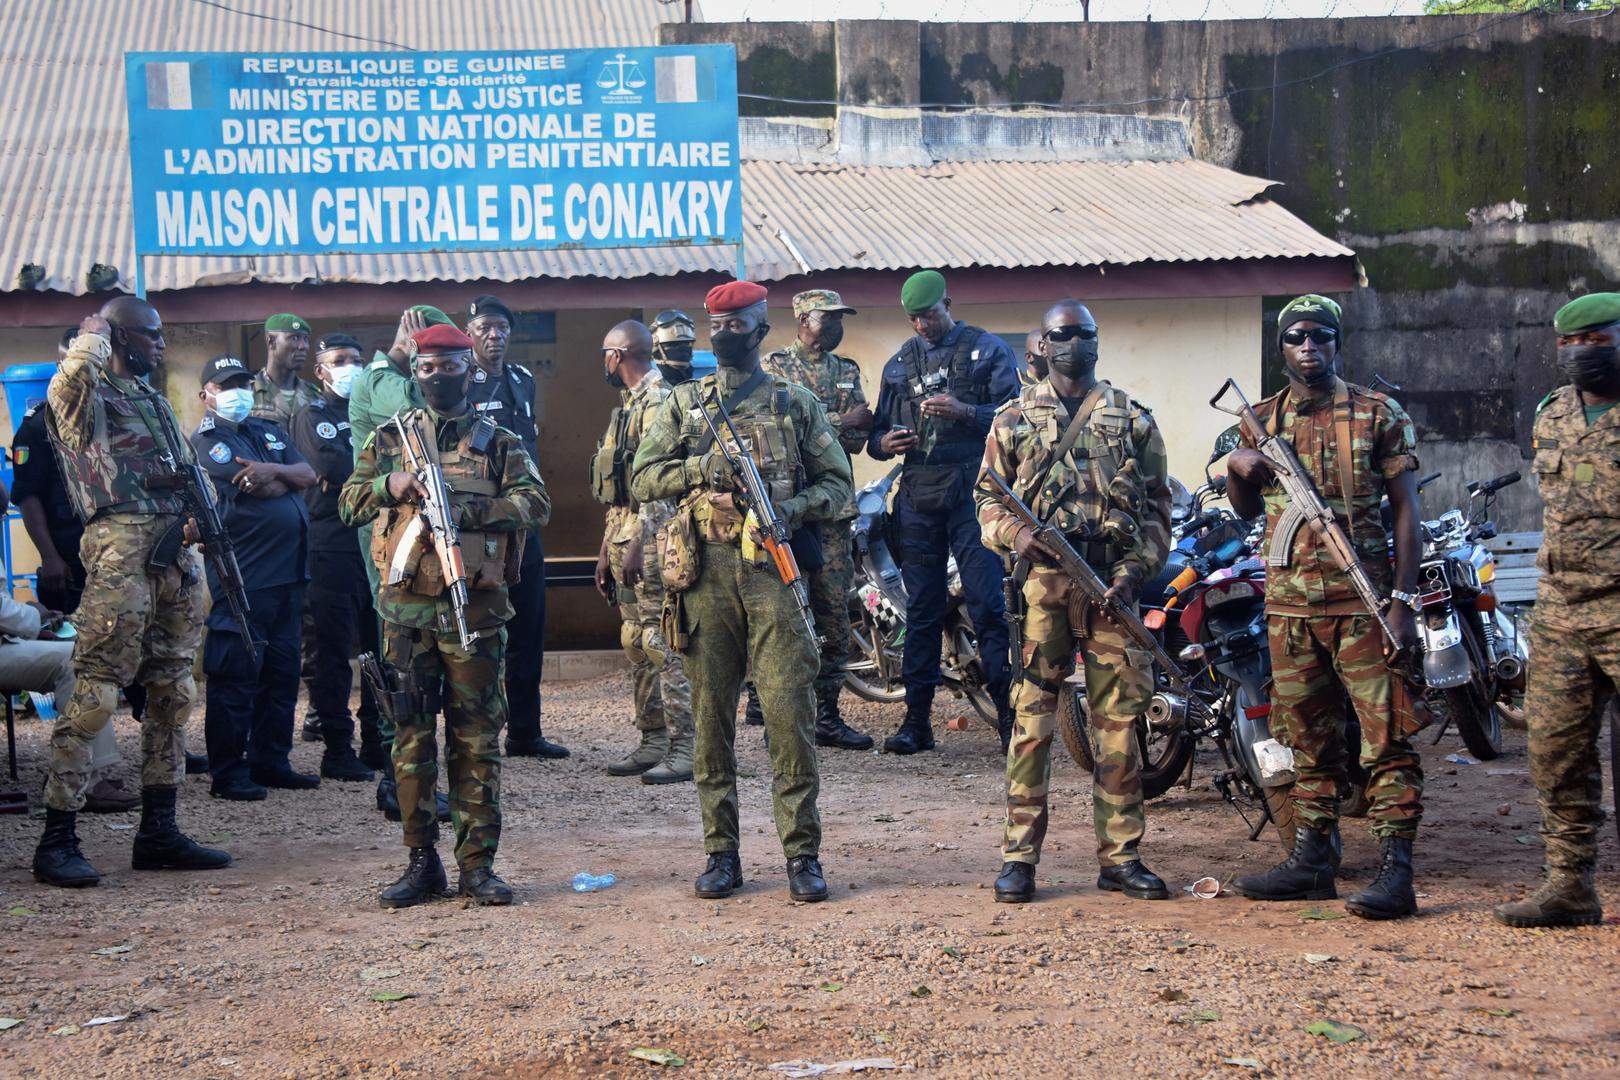 المجلس العسكري في غينيا يجمد حسابات الحكومة المصرفية